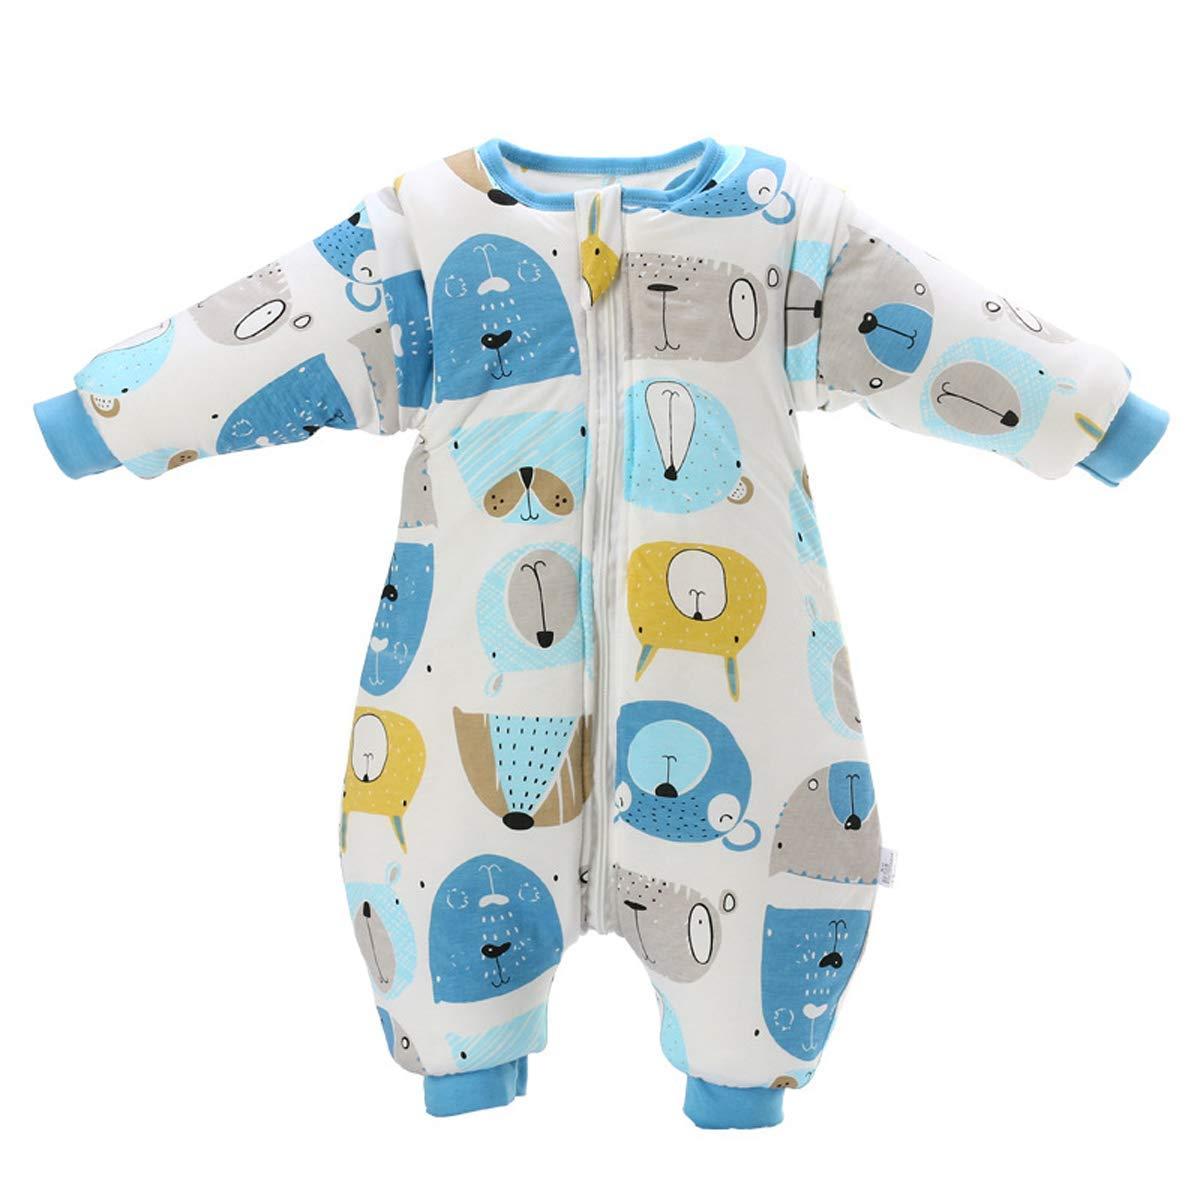 Saco de dormir para bebé: forro cálido en algodón, manga larga de invierno, saco de dormir de invierno con cremallera, para niños de 1 a 3 años: Amazon.es: ...